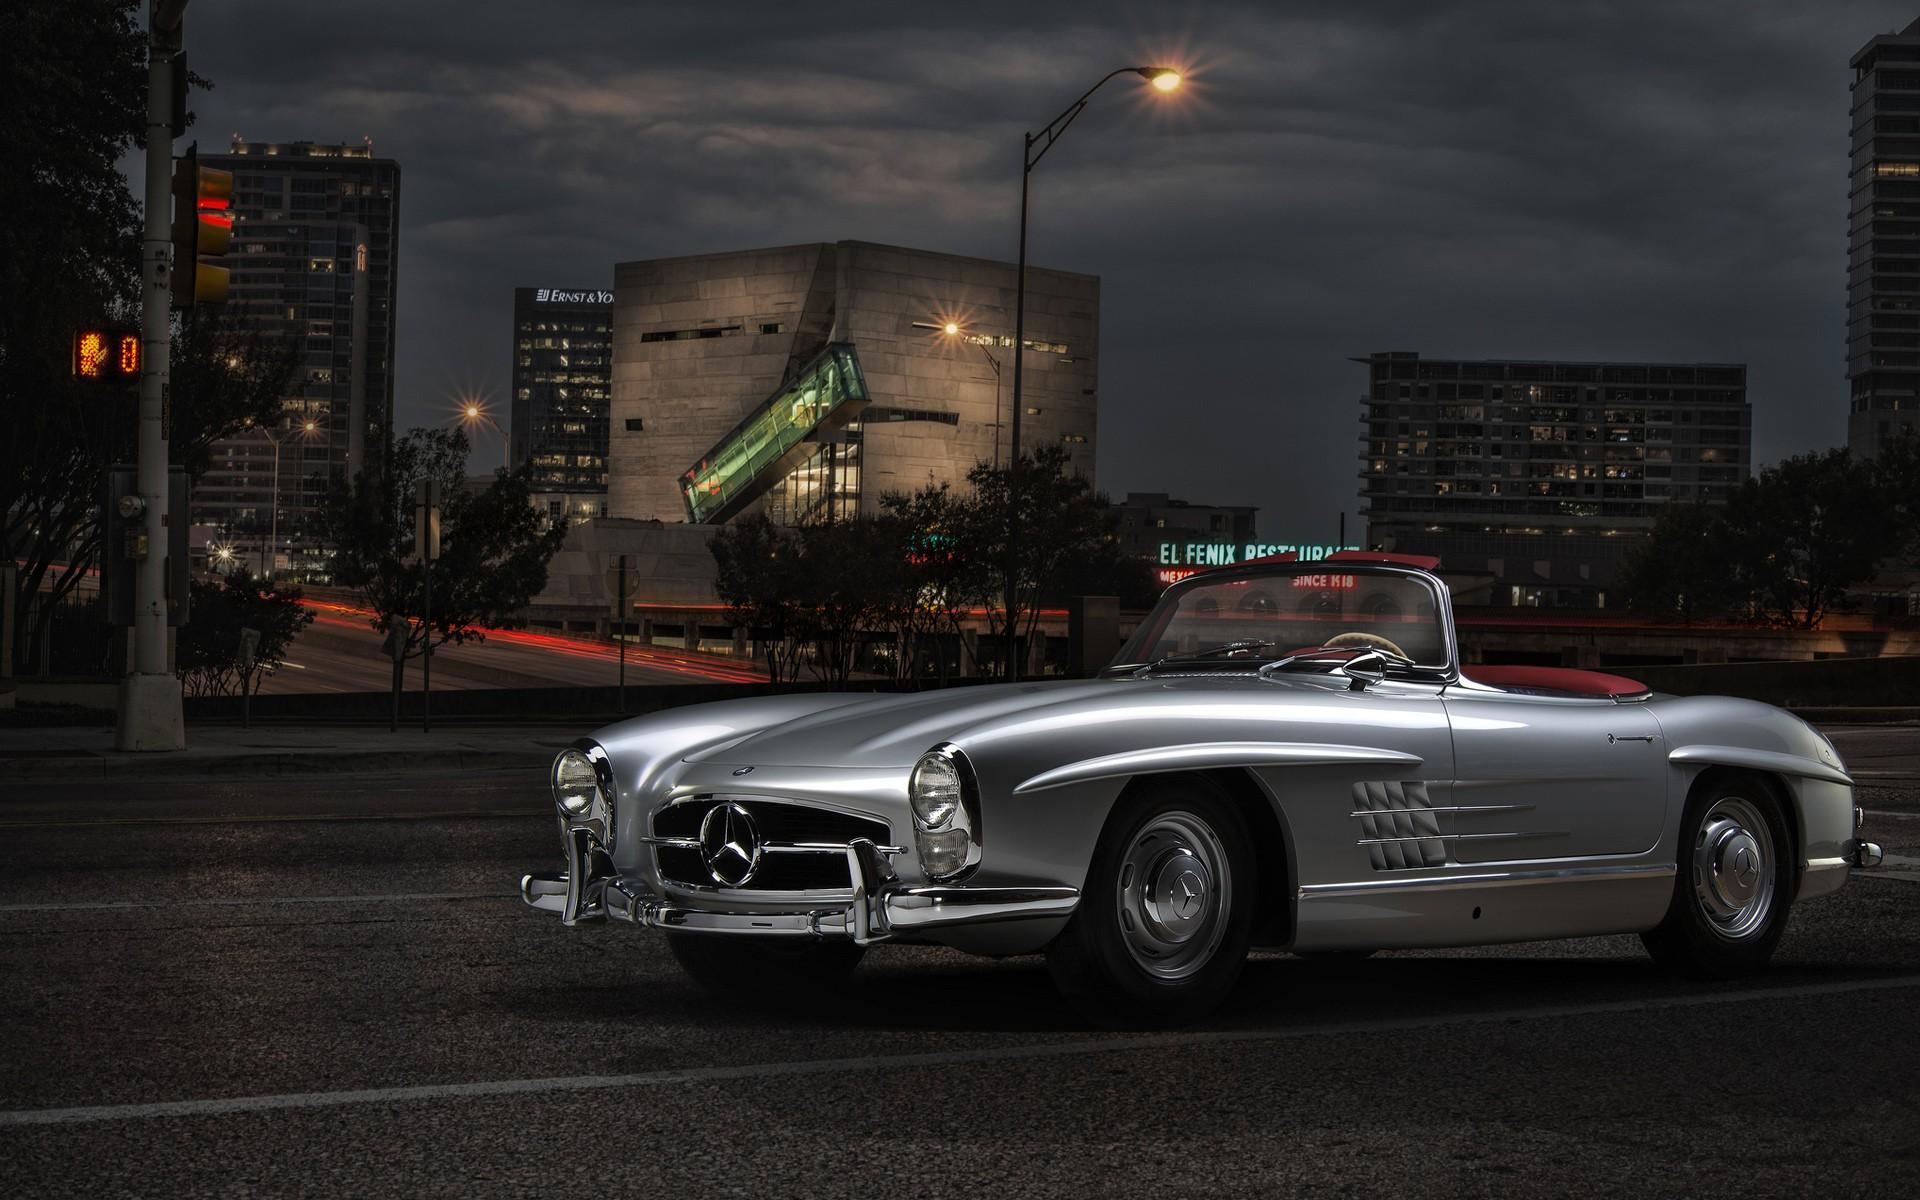 Mercedes benz classic wallpaper hd car wallpapers id 3382 for Mercedes benz sl classic